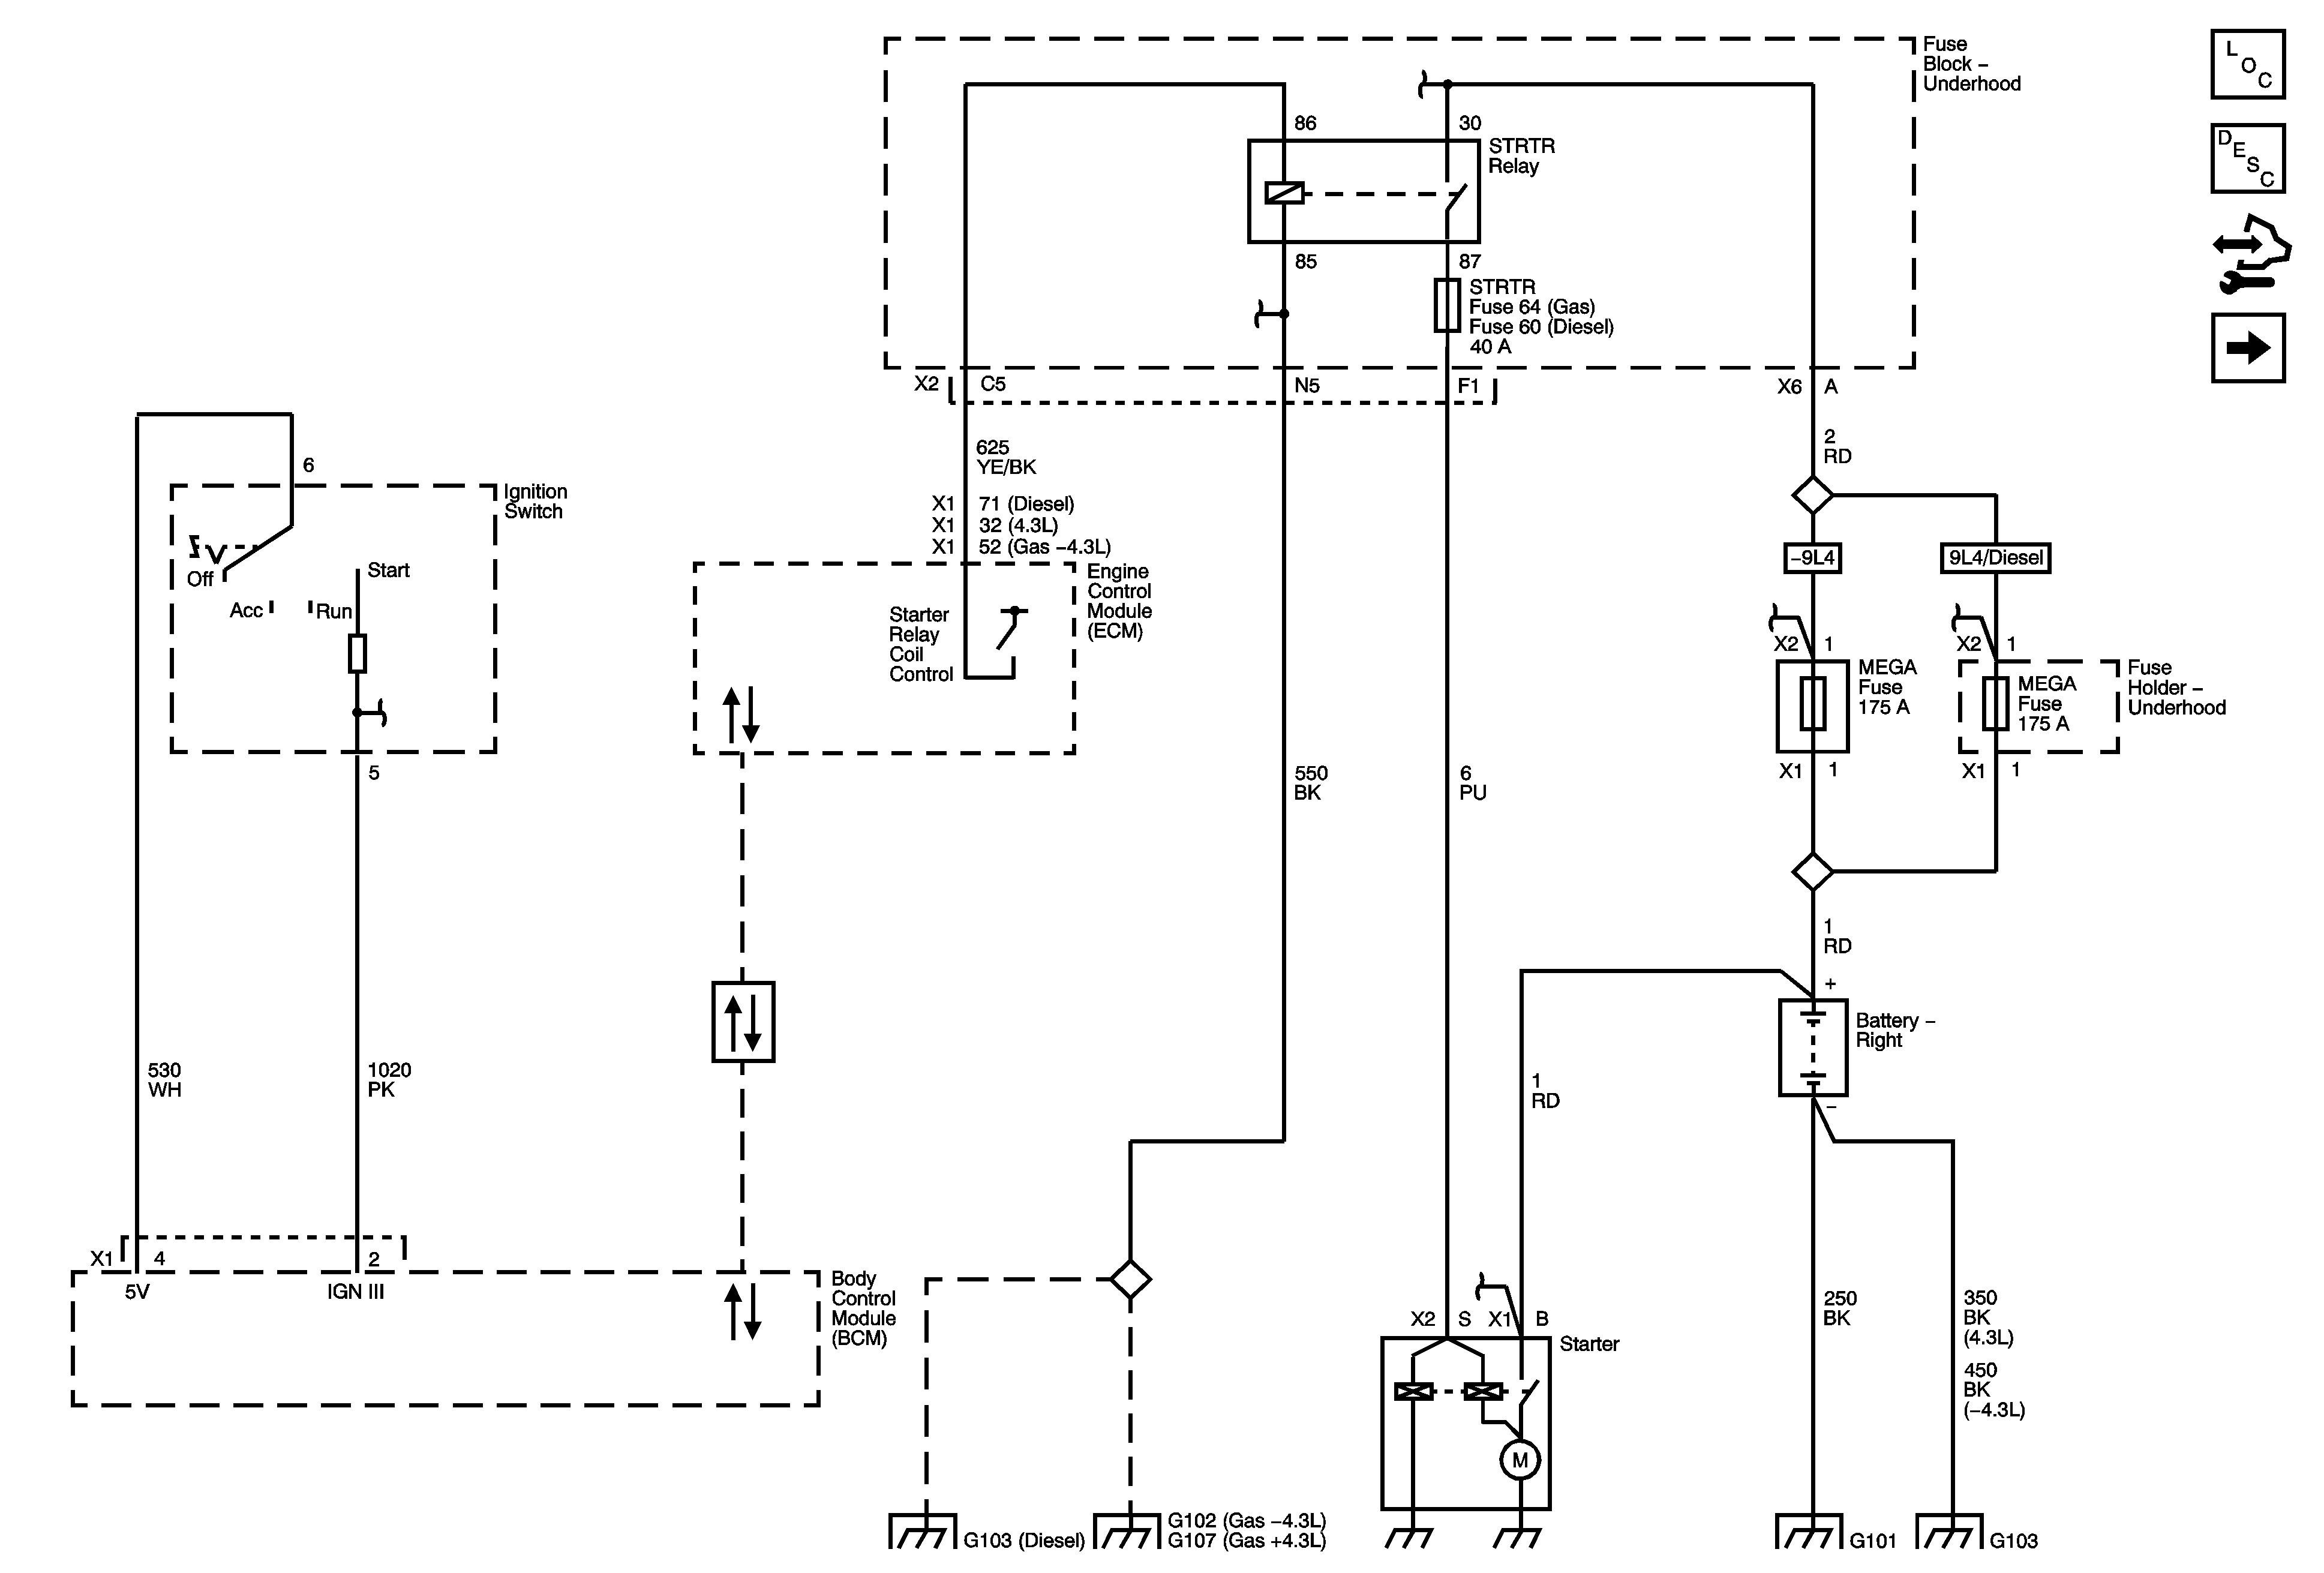 Steering Components Diagram Unique Steering Wheel Radio Controls Wiring Diagram Diagram Of Steering Components Diagram